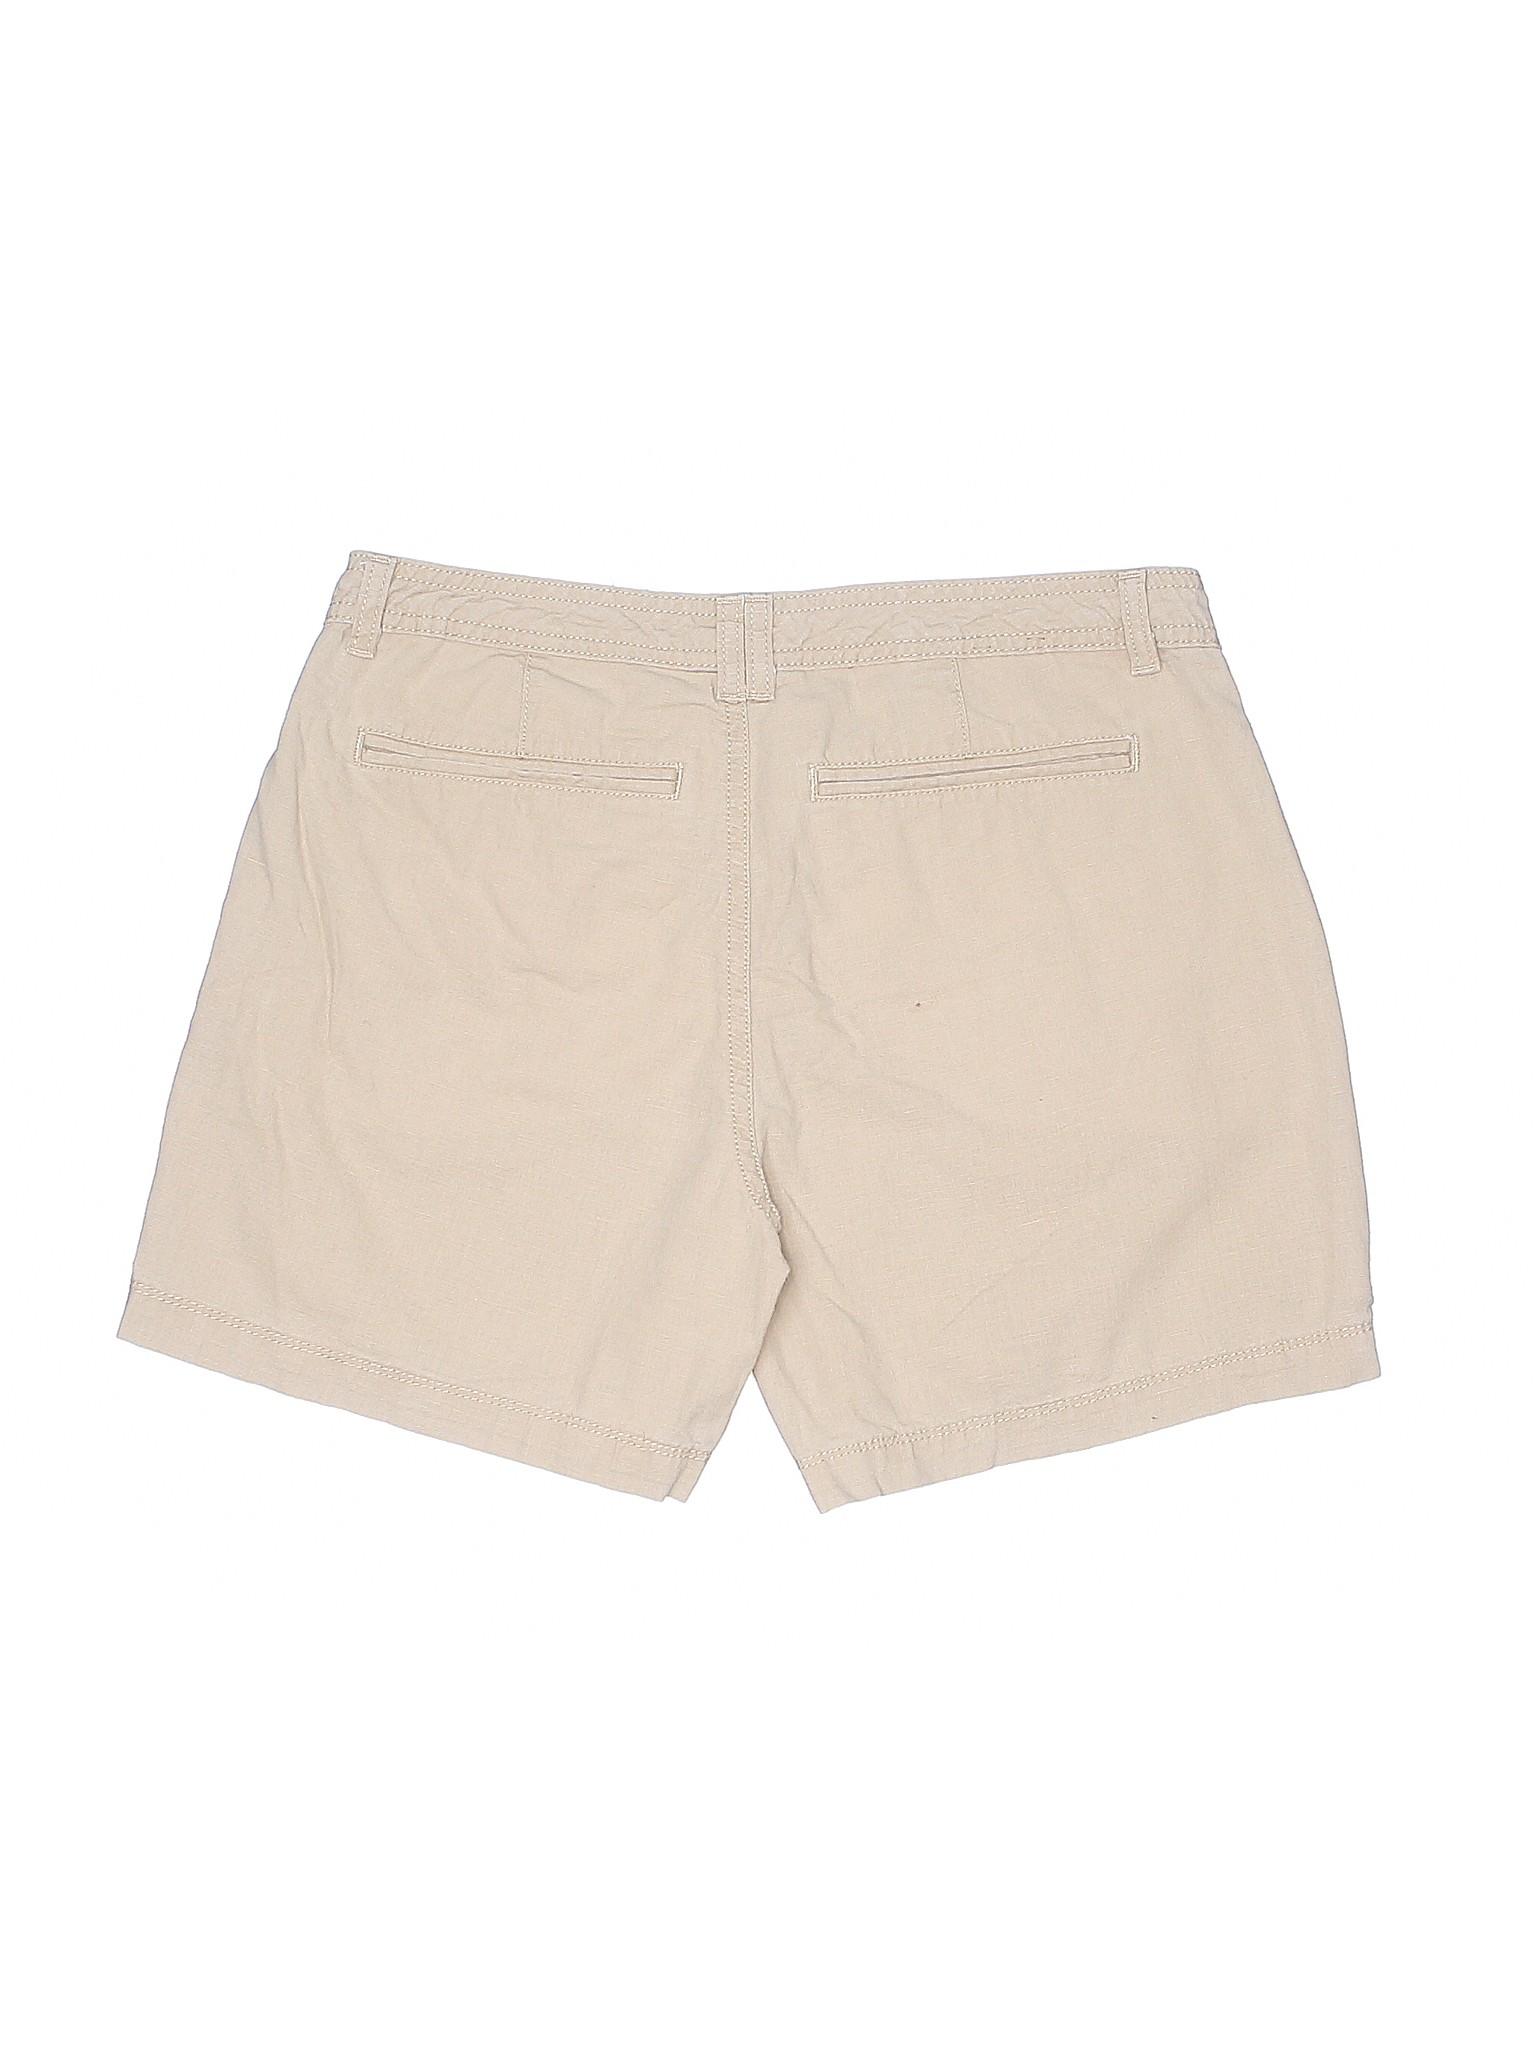 Khaki Bandolino Boutique Khaki Shorts Boutique Boutique Shorts Bandolino Bandolino 1Oq7O